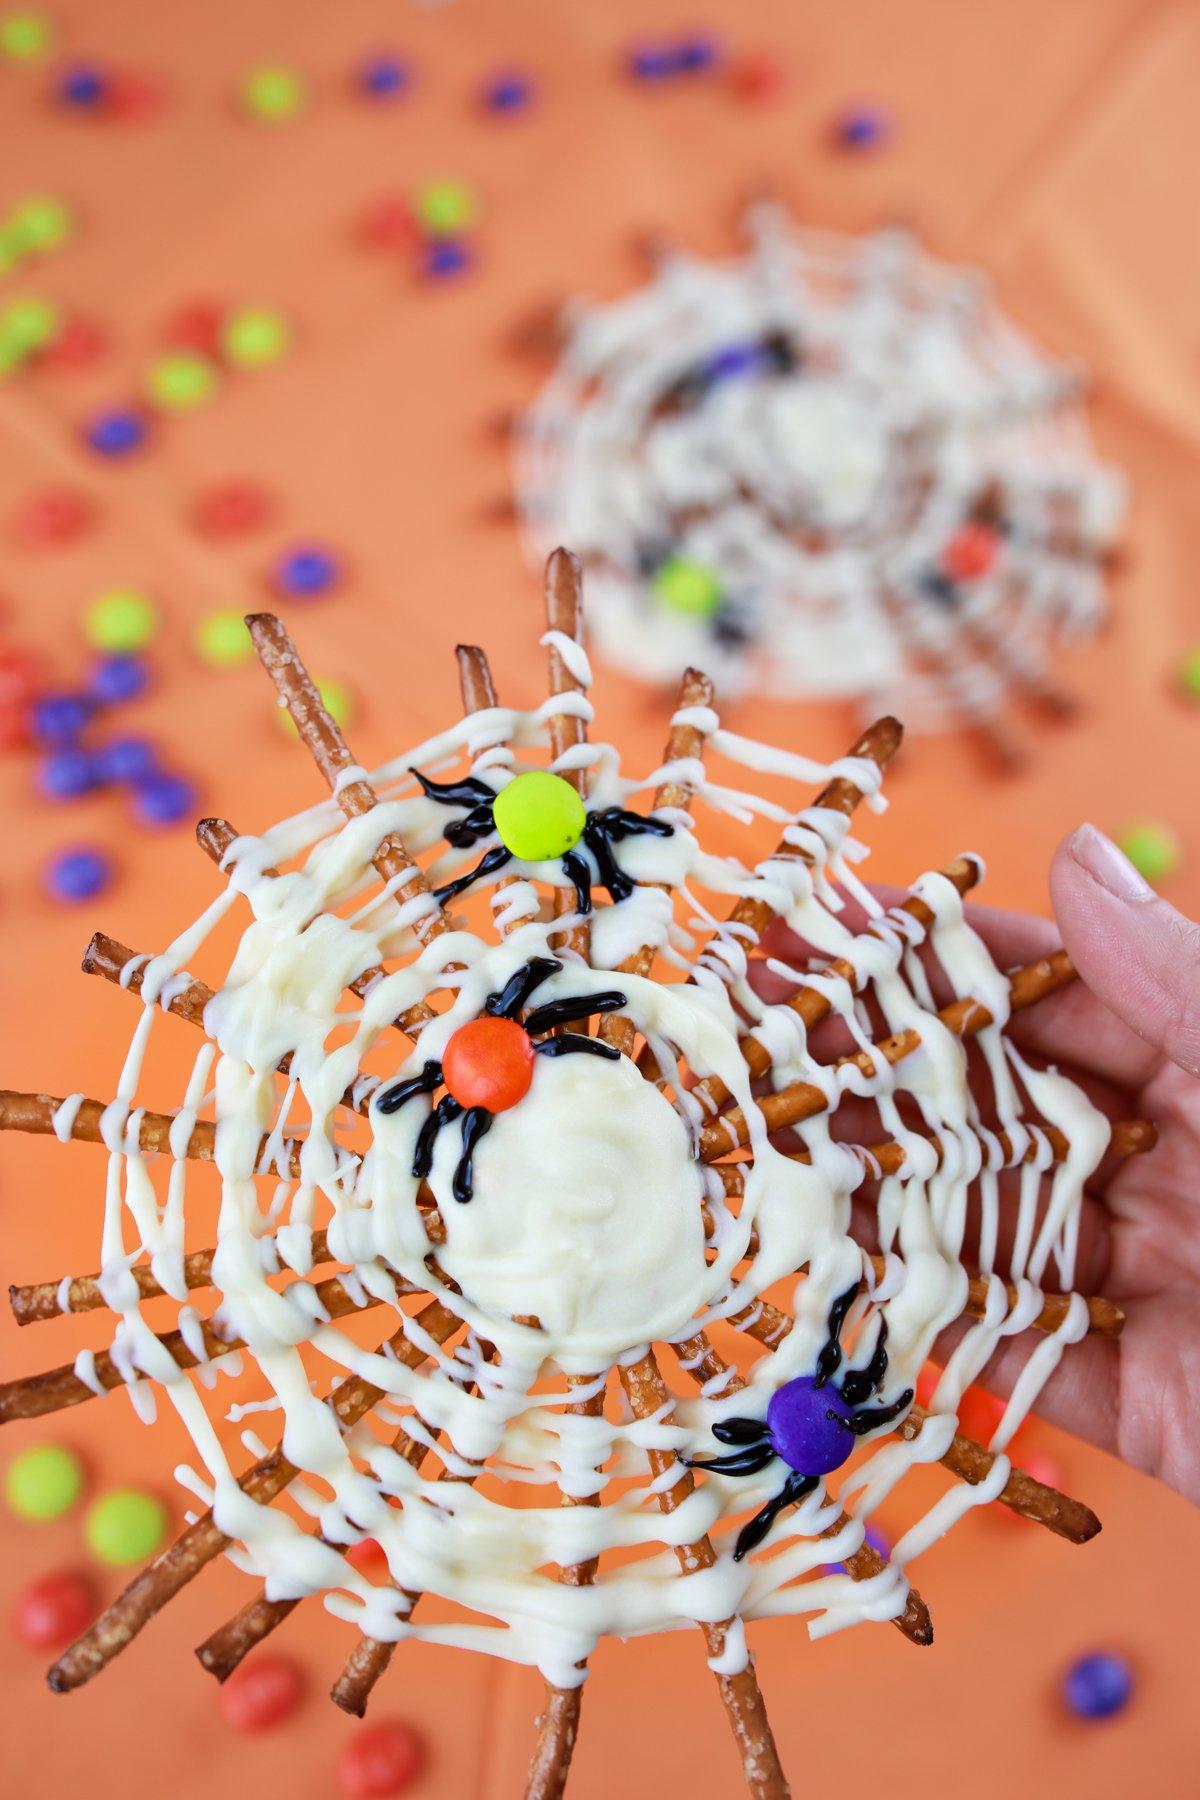 pretzel spider webs on an orange background